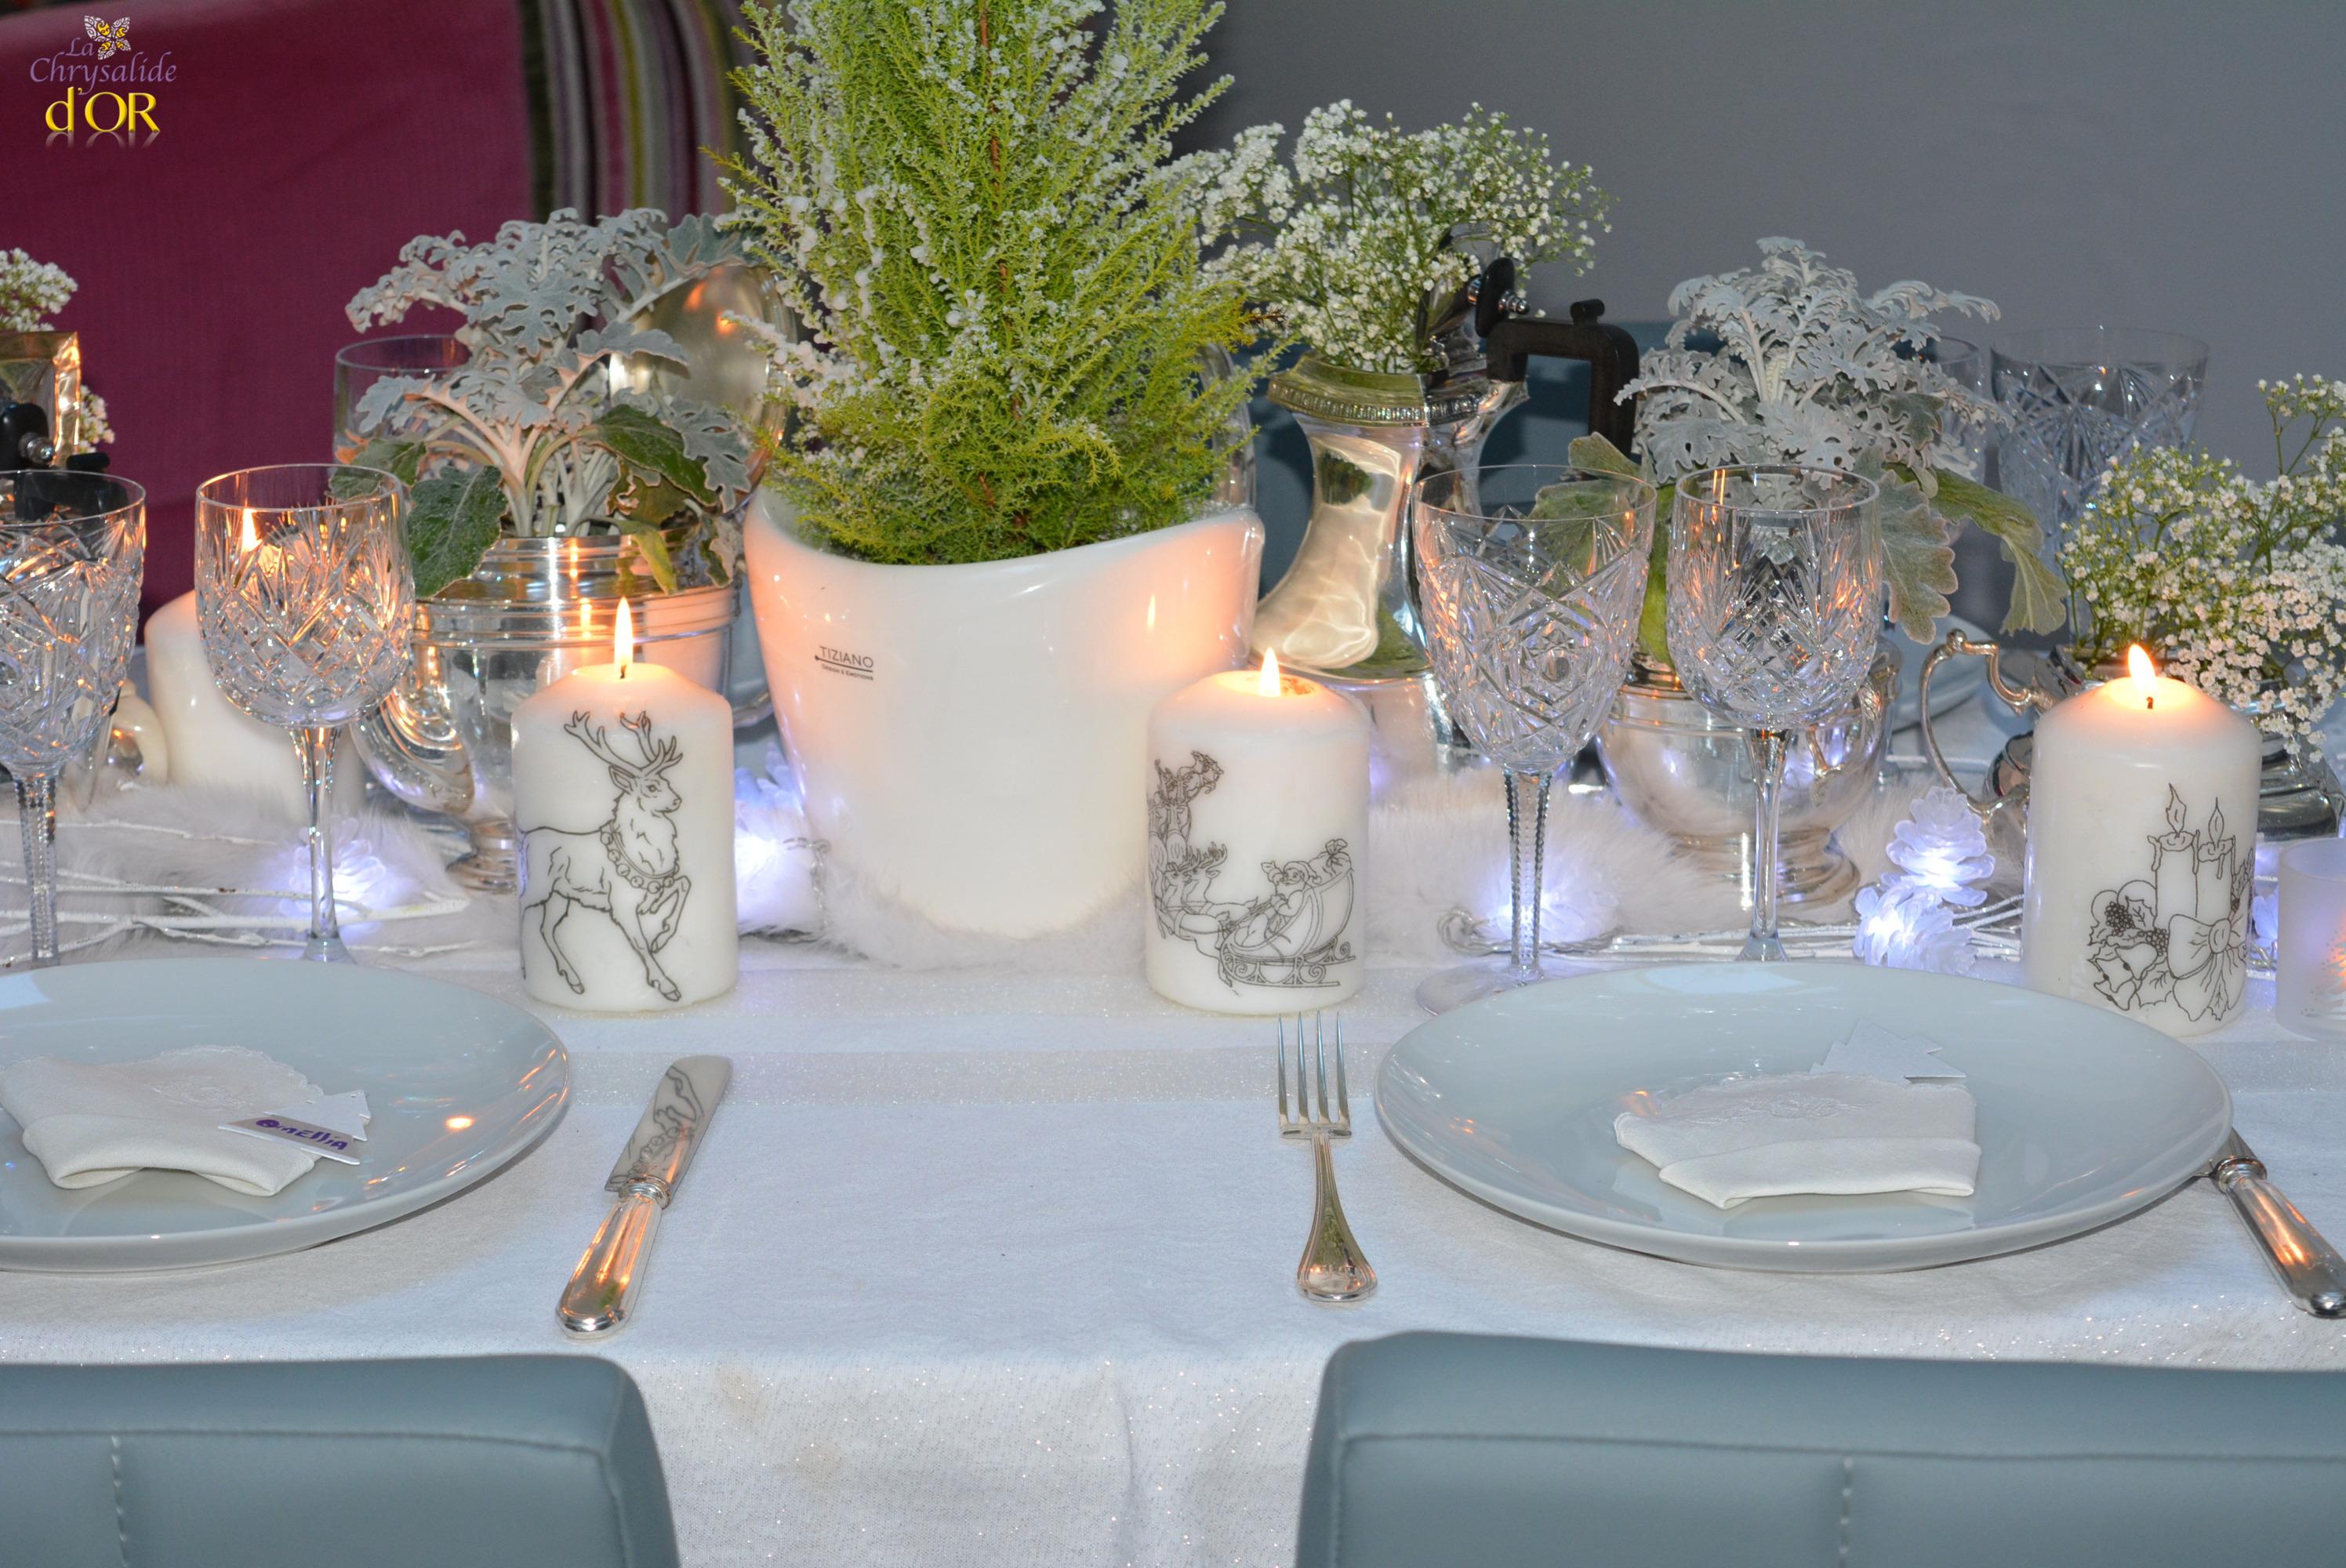 #926039 Décoration Tables De Noël Pour Une Inspiration Mariage En  6069 decoration de noel toulouse 2992x2000 px @ aertt.com